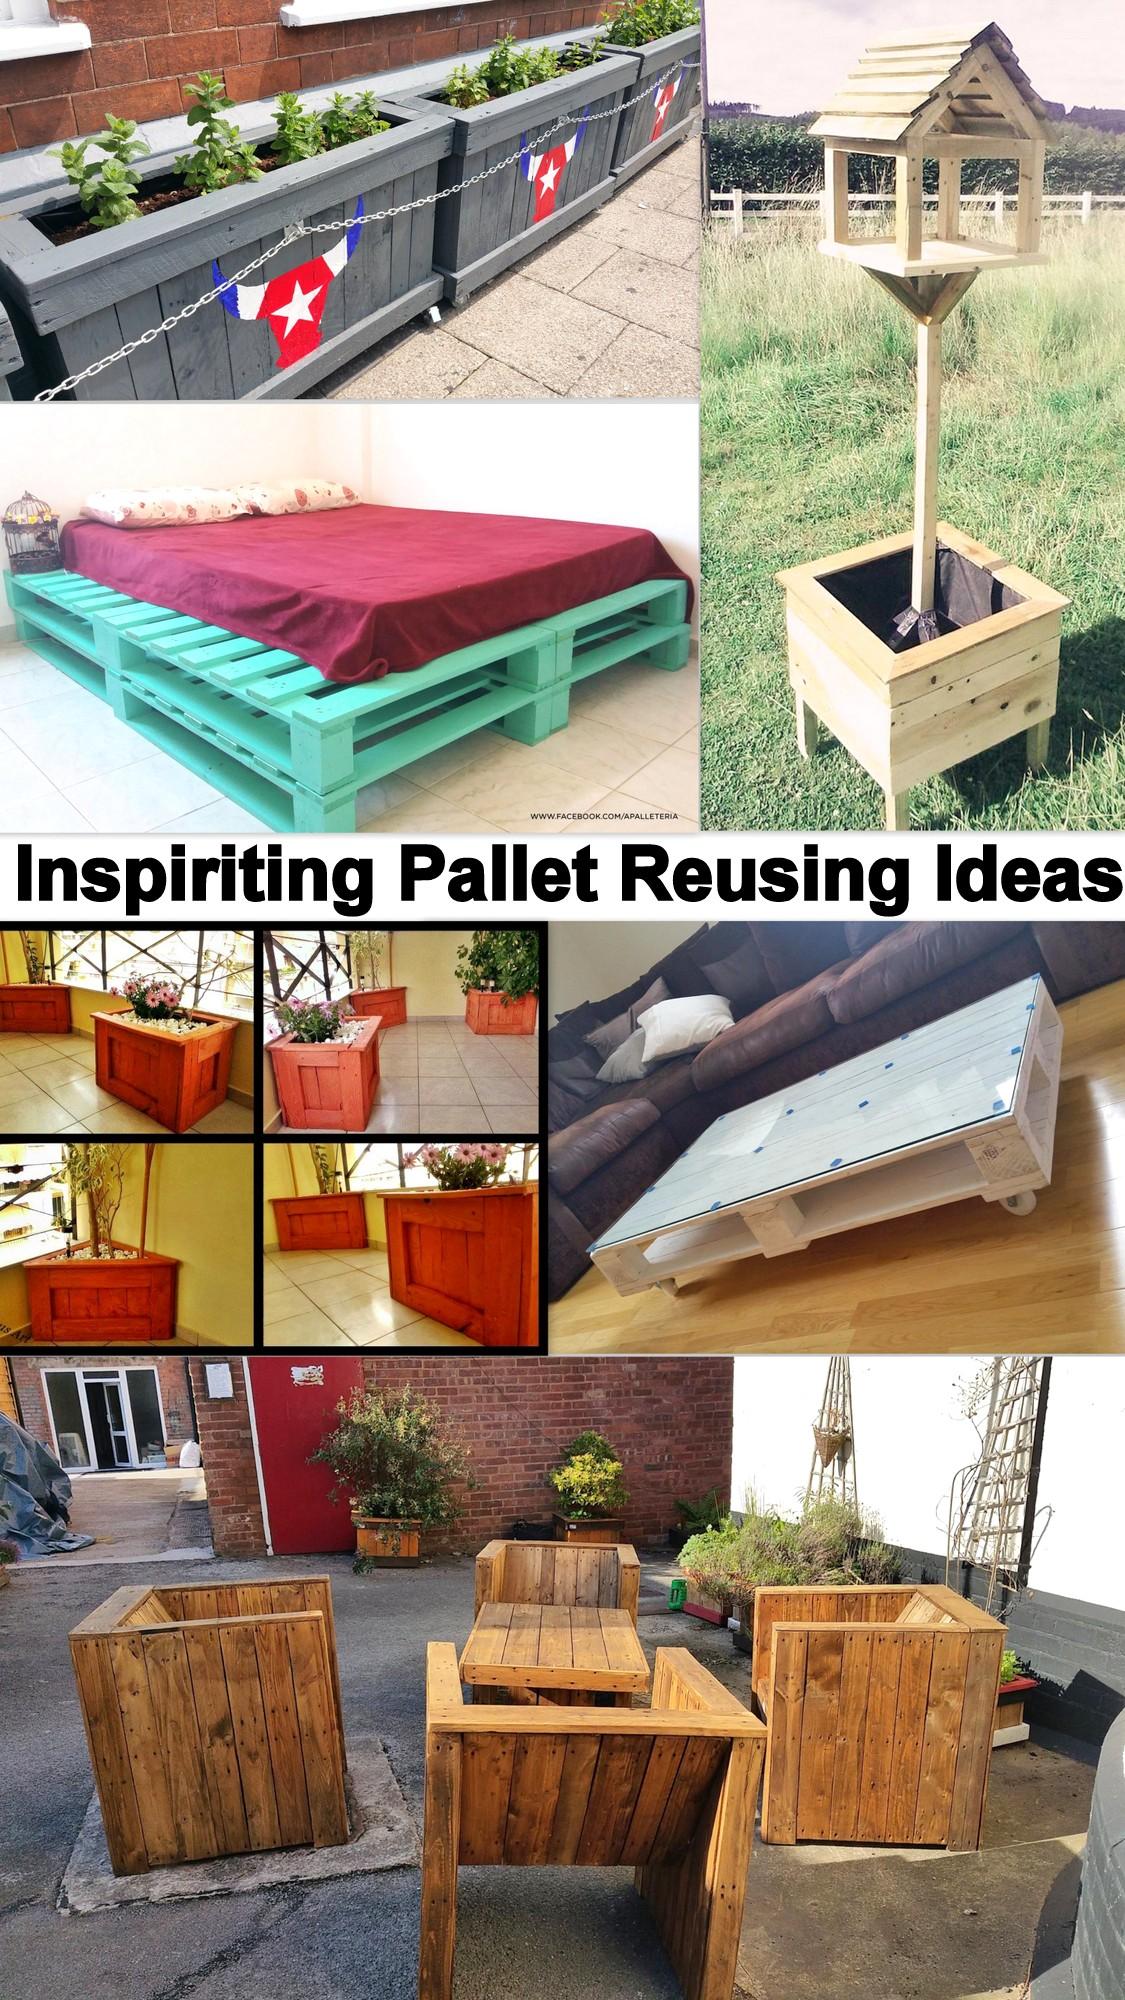 Inspiriting Pallet Reusing Ideas